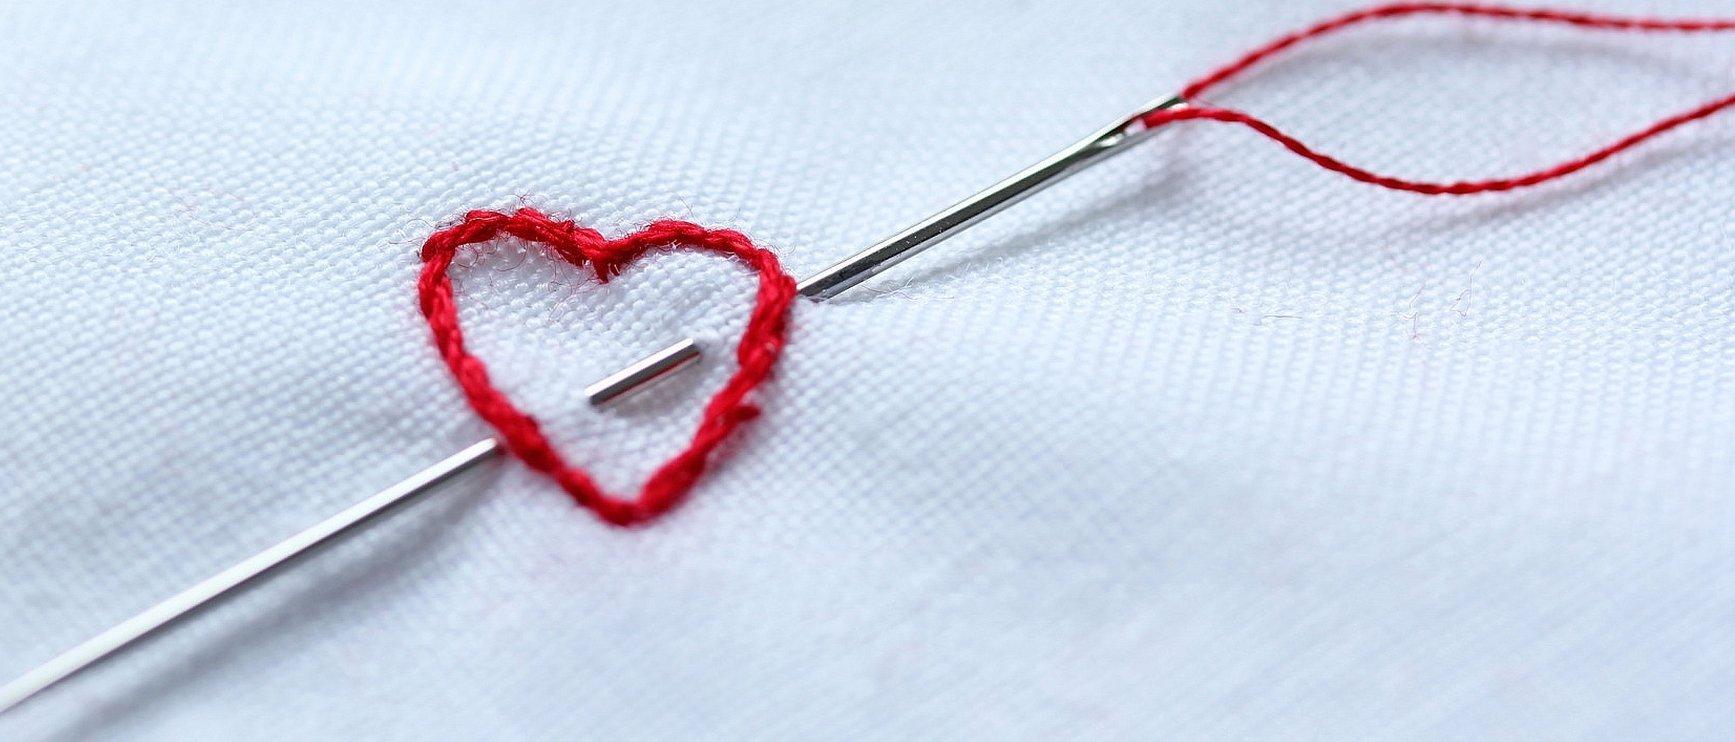 Вышивка с иглой и нитками